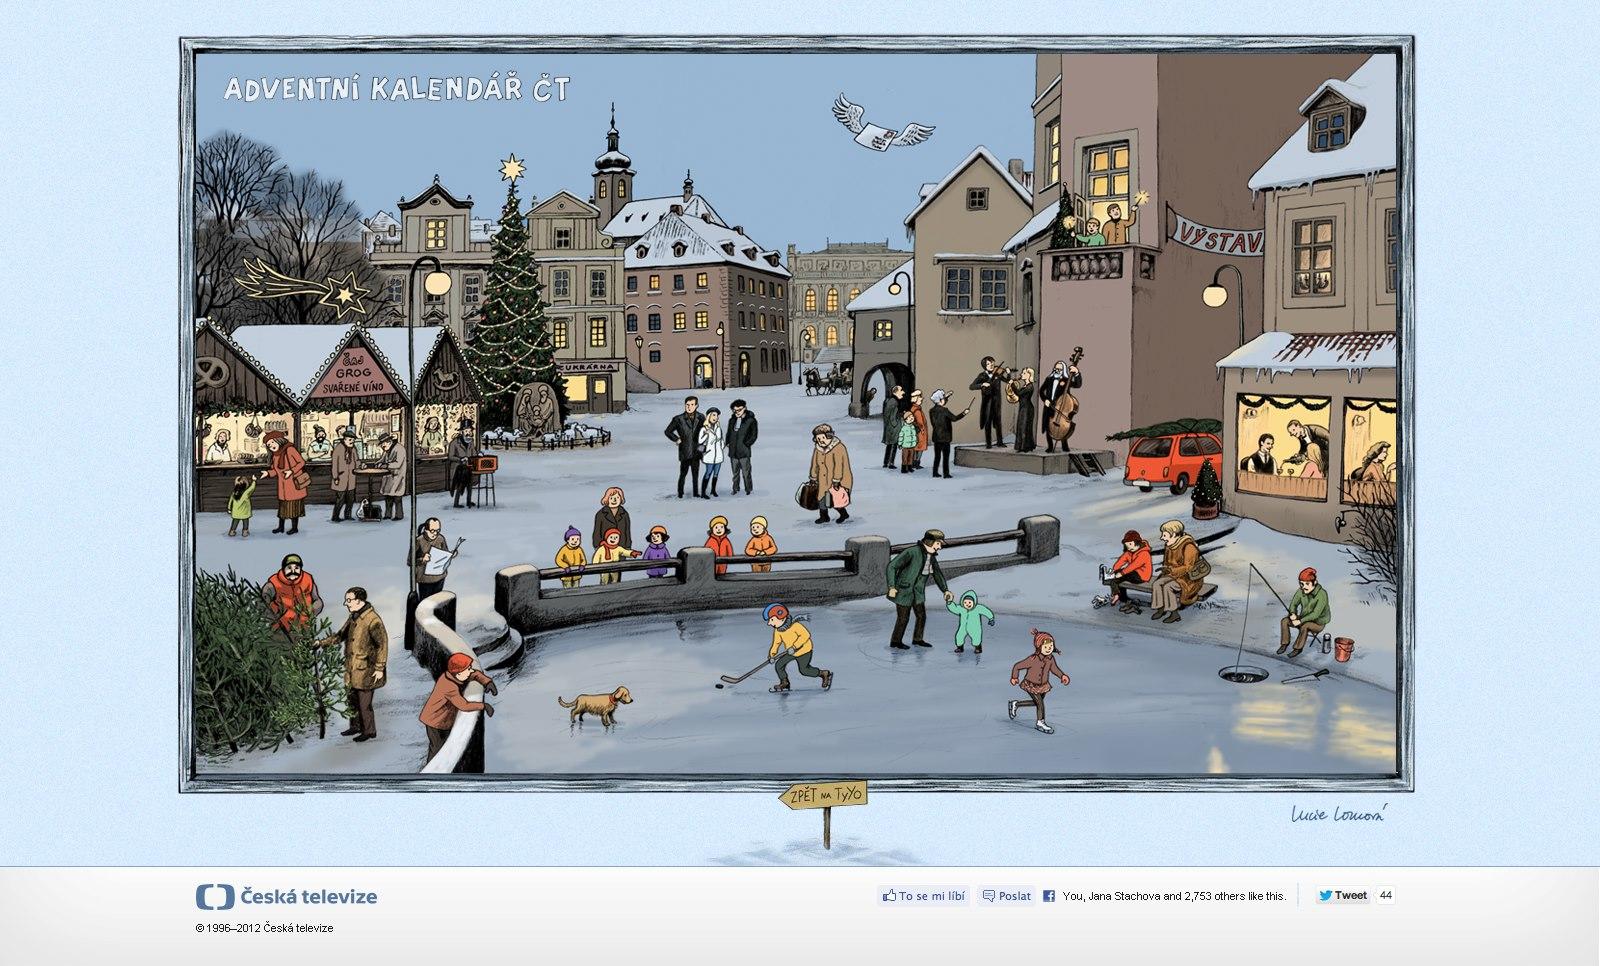 adventni kalendar 2012 Lucie Lomová: Adventní kalendář České televize adventni kalendar 2012